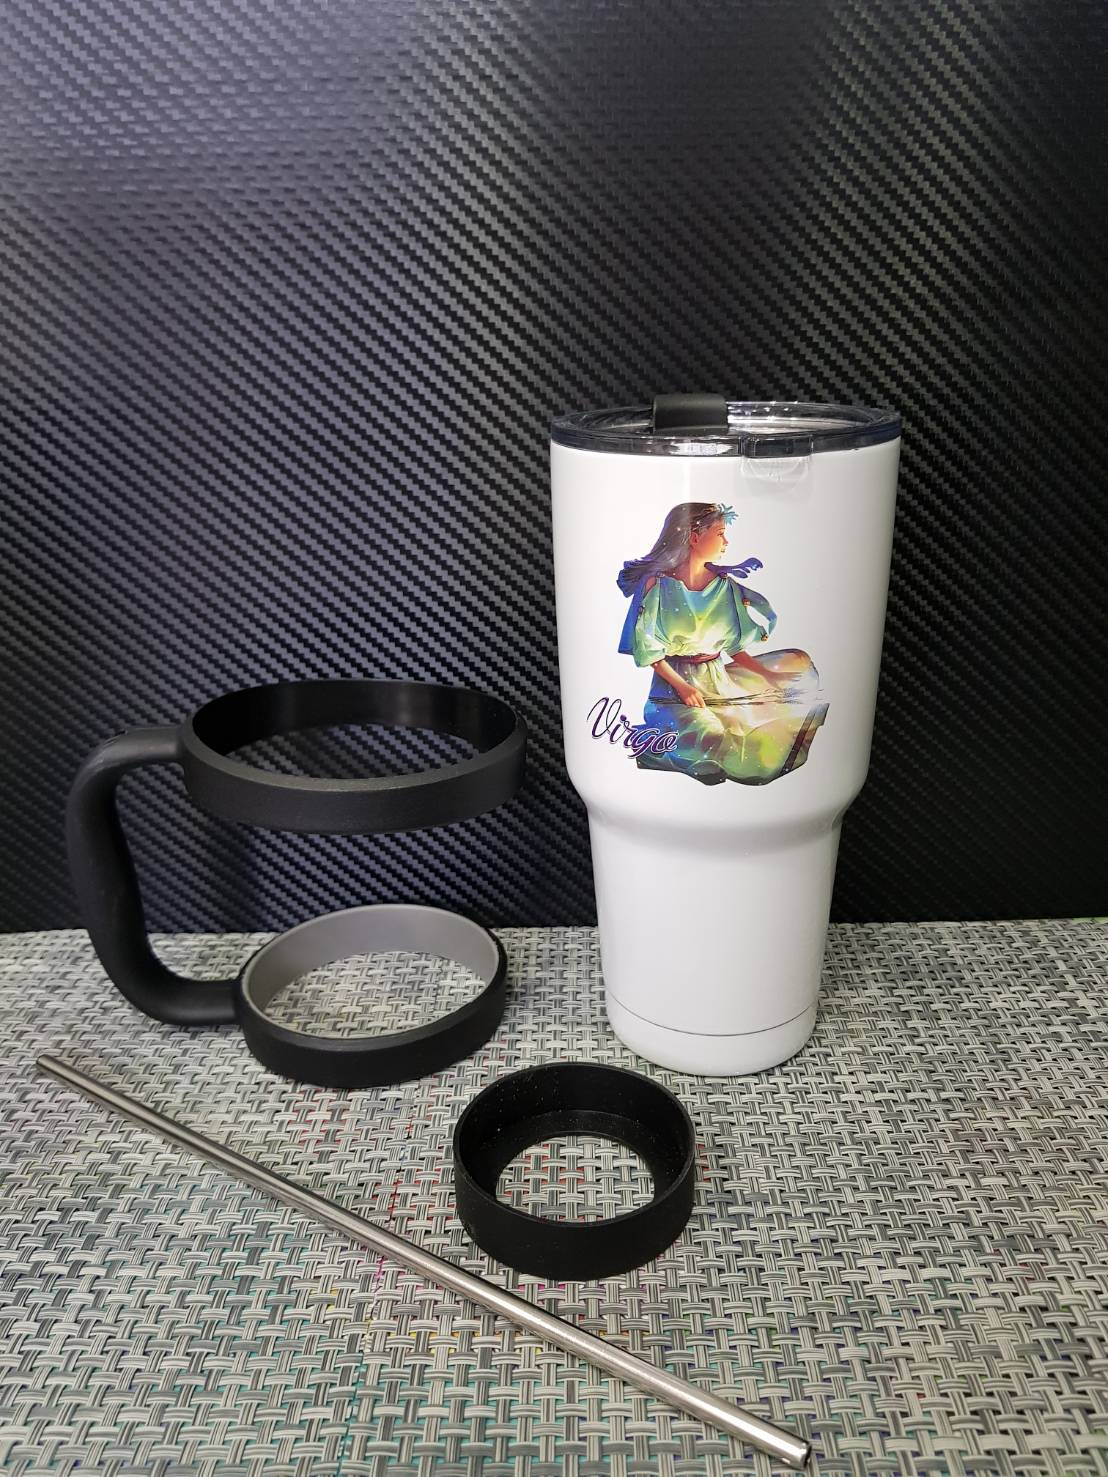 ชุดแก้วเยติ 30 ออนซ์ พื้นสีขาว ราศีกันย์